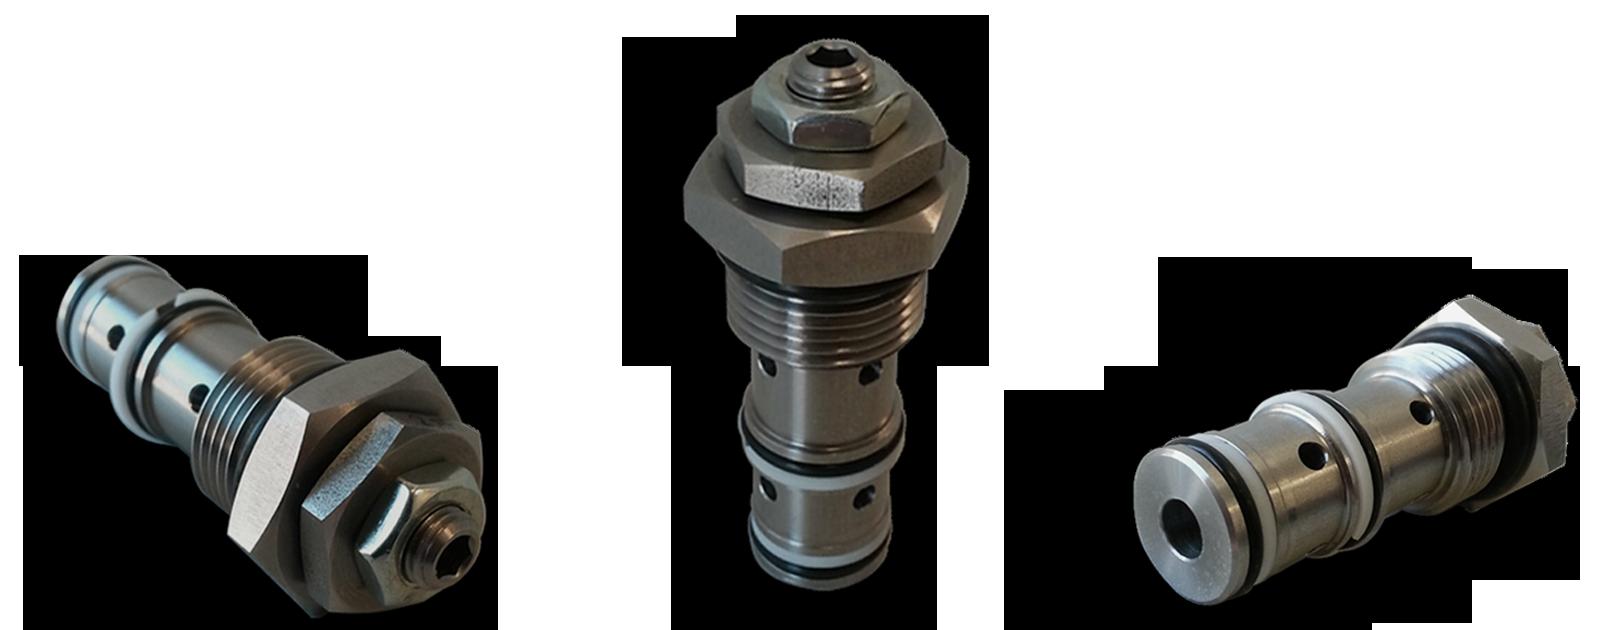 3/2-Wege-Druck-Schaltventil | OTTO Fluid Control